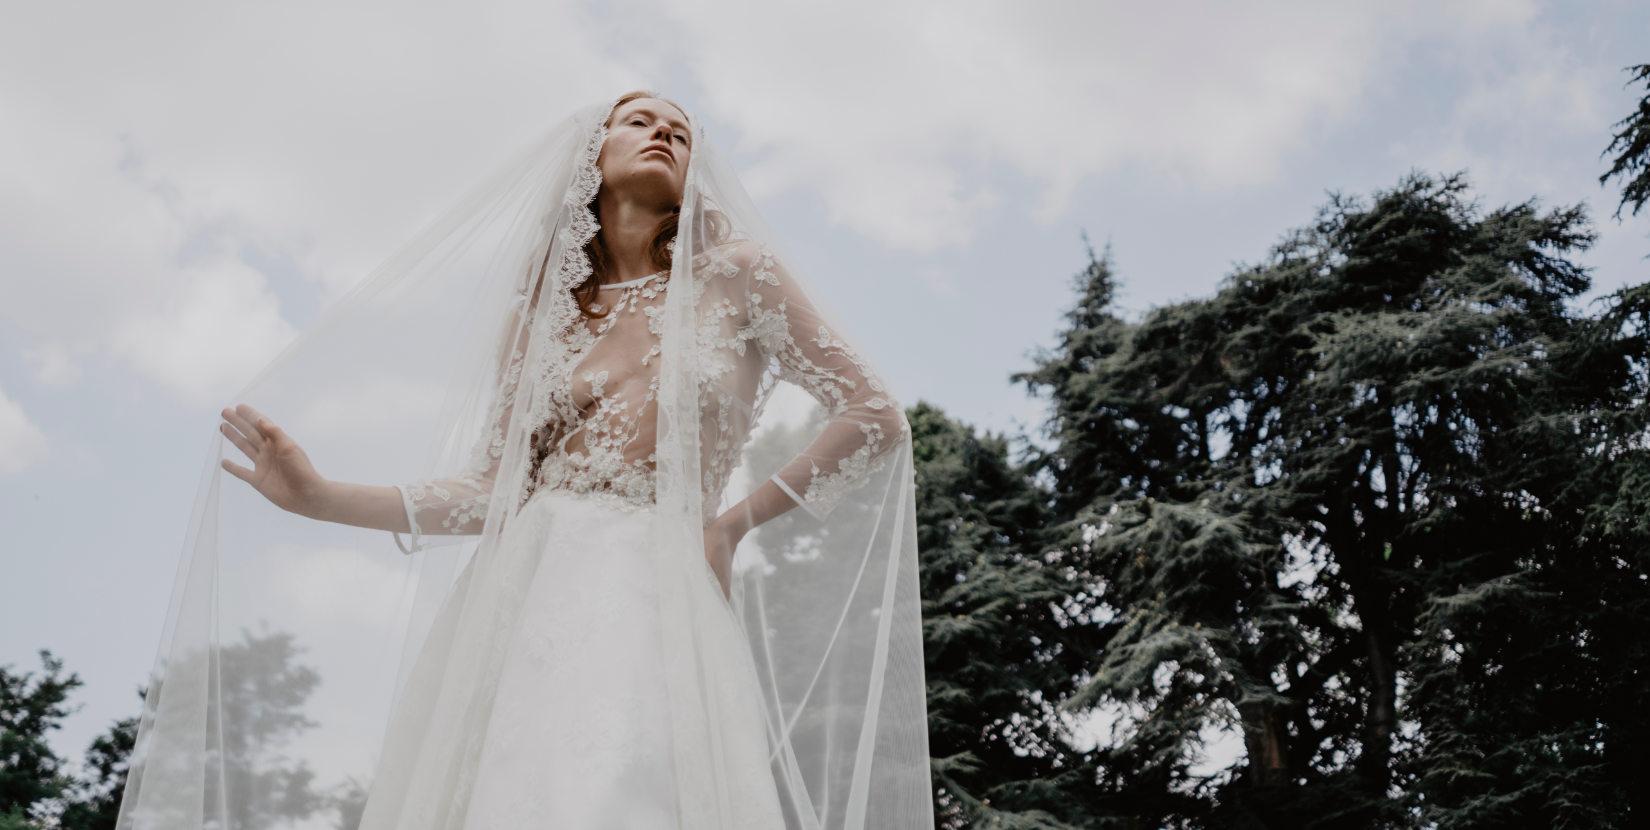 collezione-sposa-2022-elena-pignata1